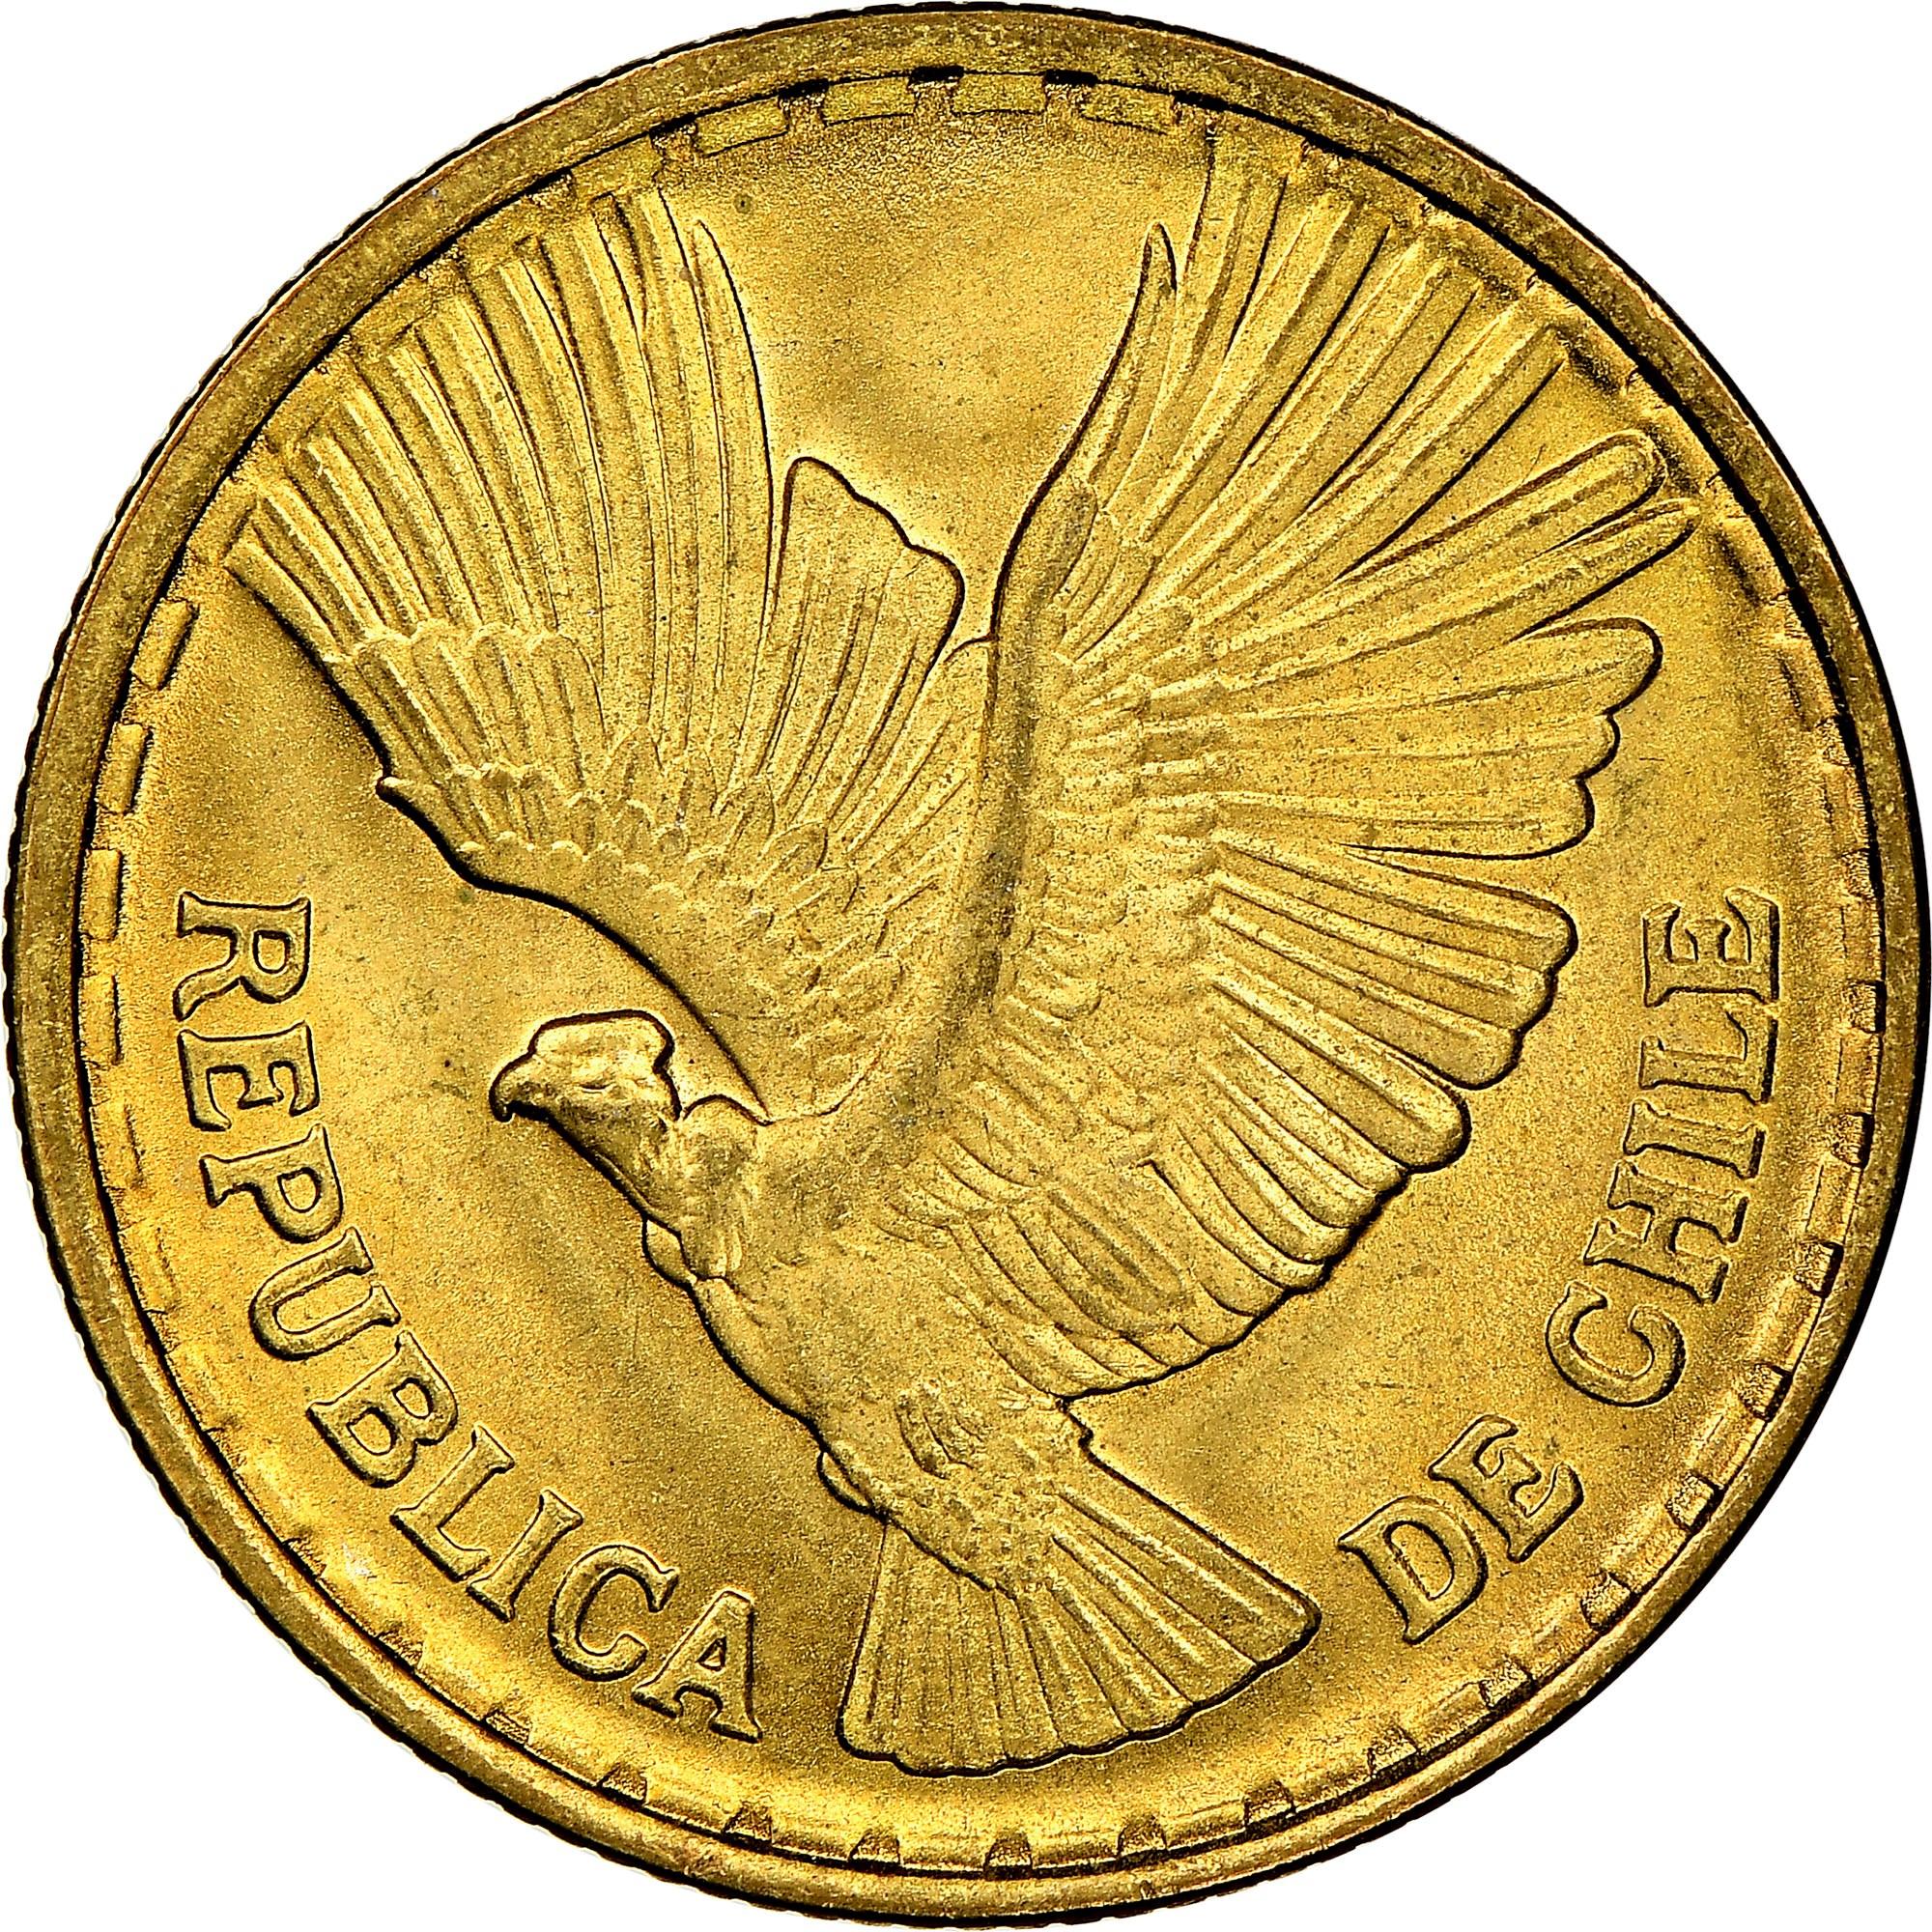 Chile 5 Centesimos obverse